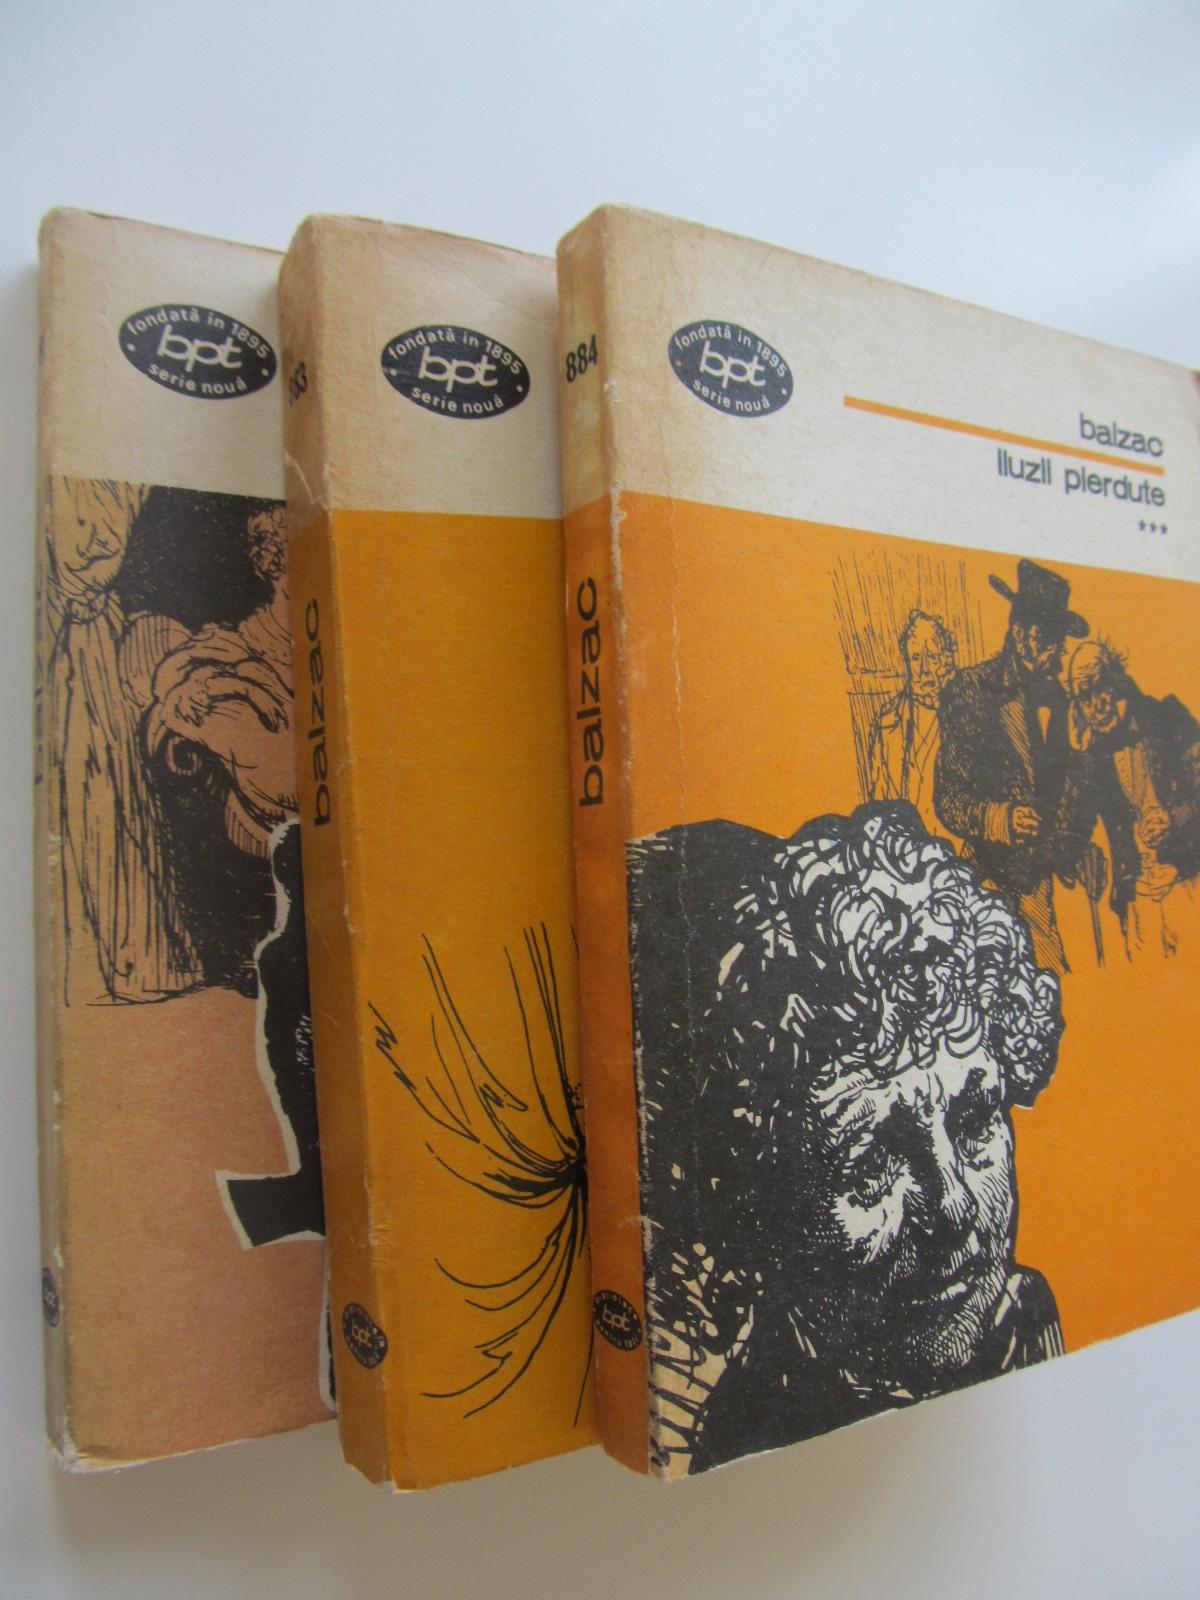 Iluze pierdute (3 vol.) - Honore de Balzac | Detalii carte